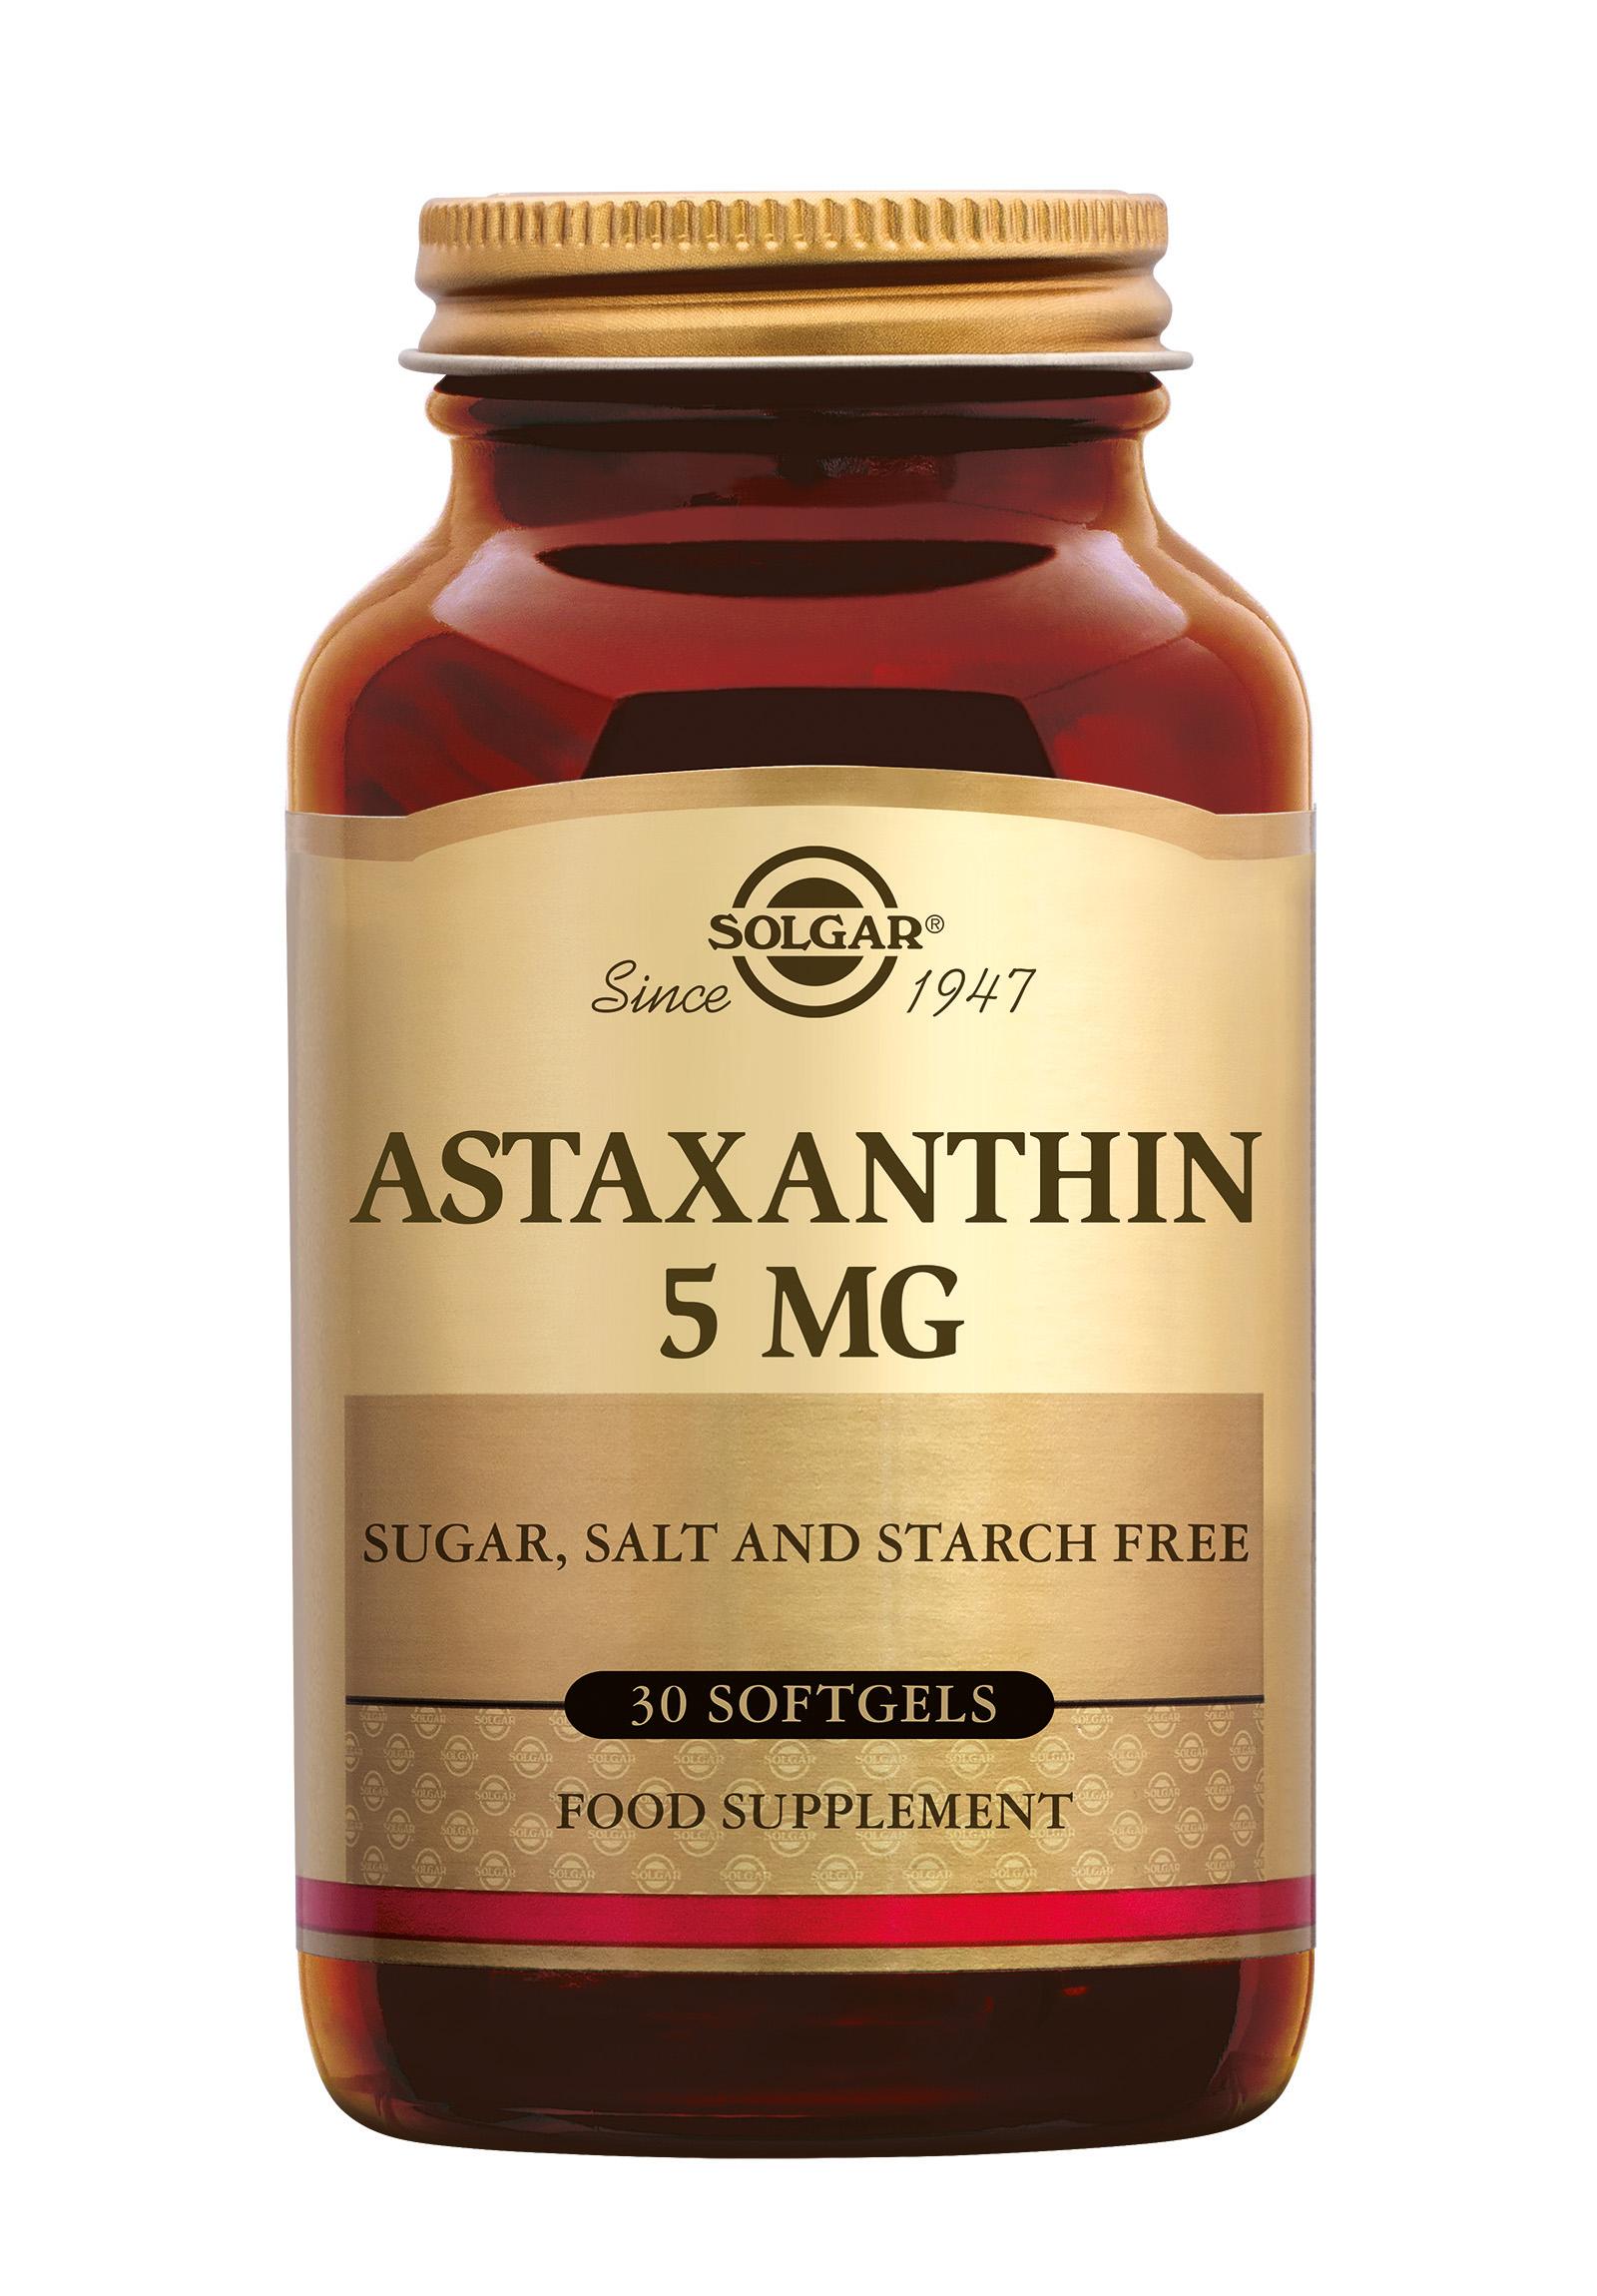 Astaxanthin 5 mg, Solgar, Solgar Astaxanthin 5 mg wordt gewonnen uit de alg Haematococcus pluvialis. Deze alg geldt als de rijkste bron van deze carotenoïde, die verantwoordelijk is voor de roze-oranje kleur van onder andere zalm, roodbaars, forel en de veren van flamingo's. Astax